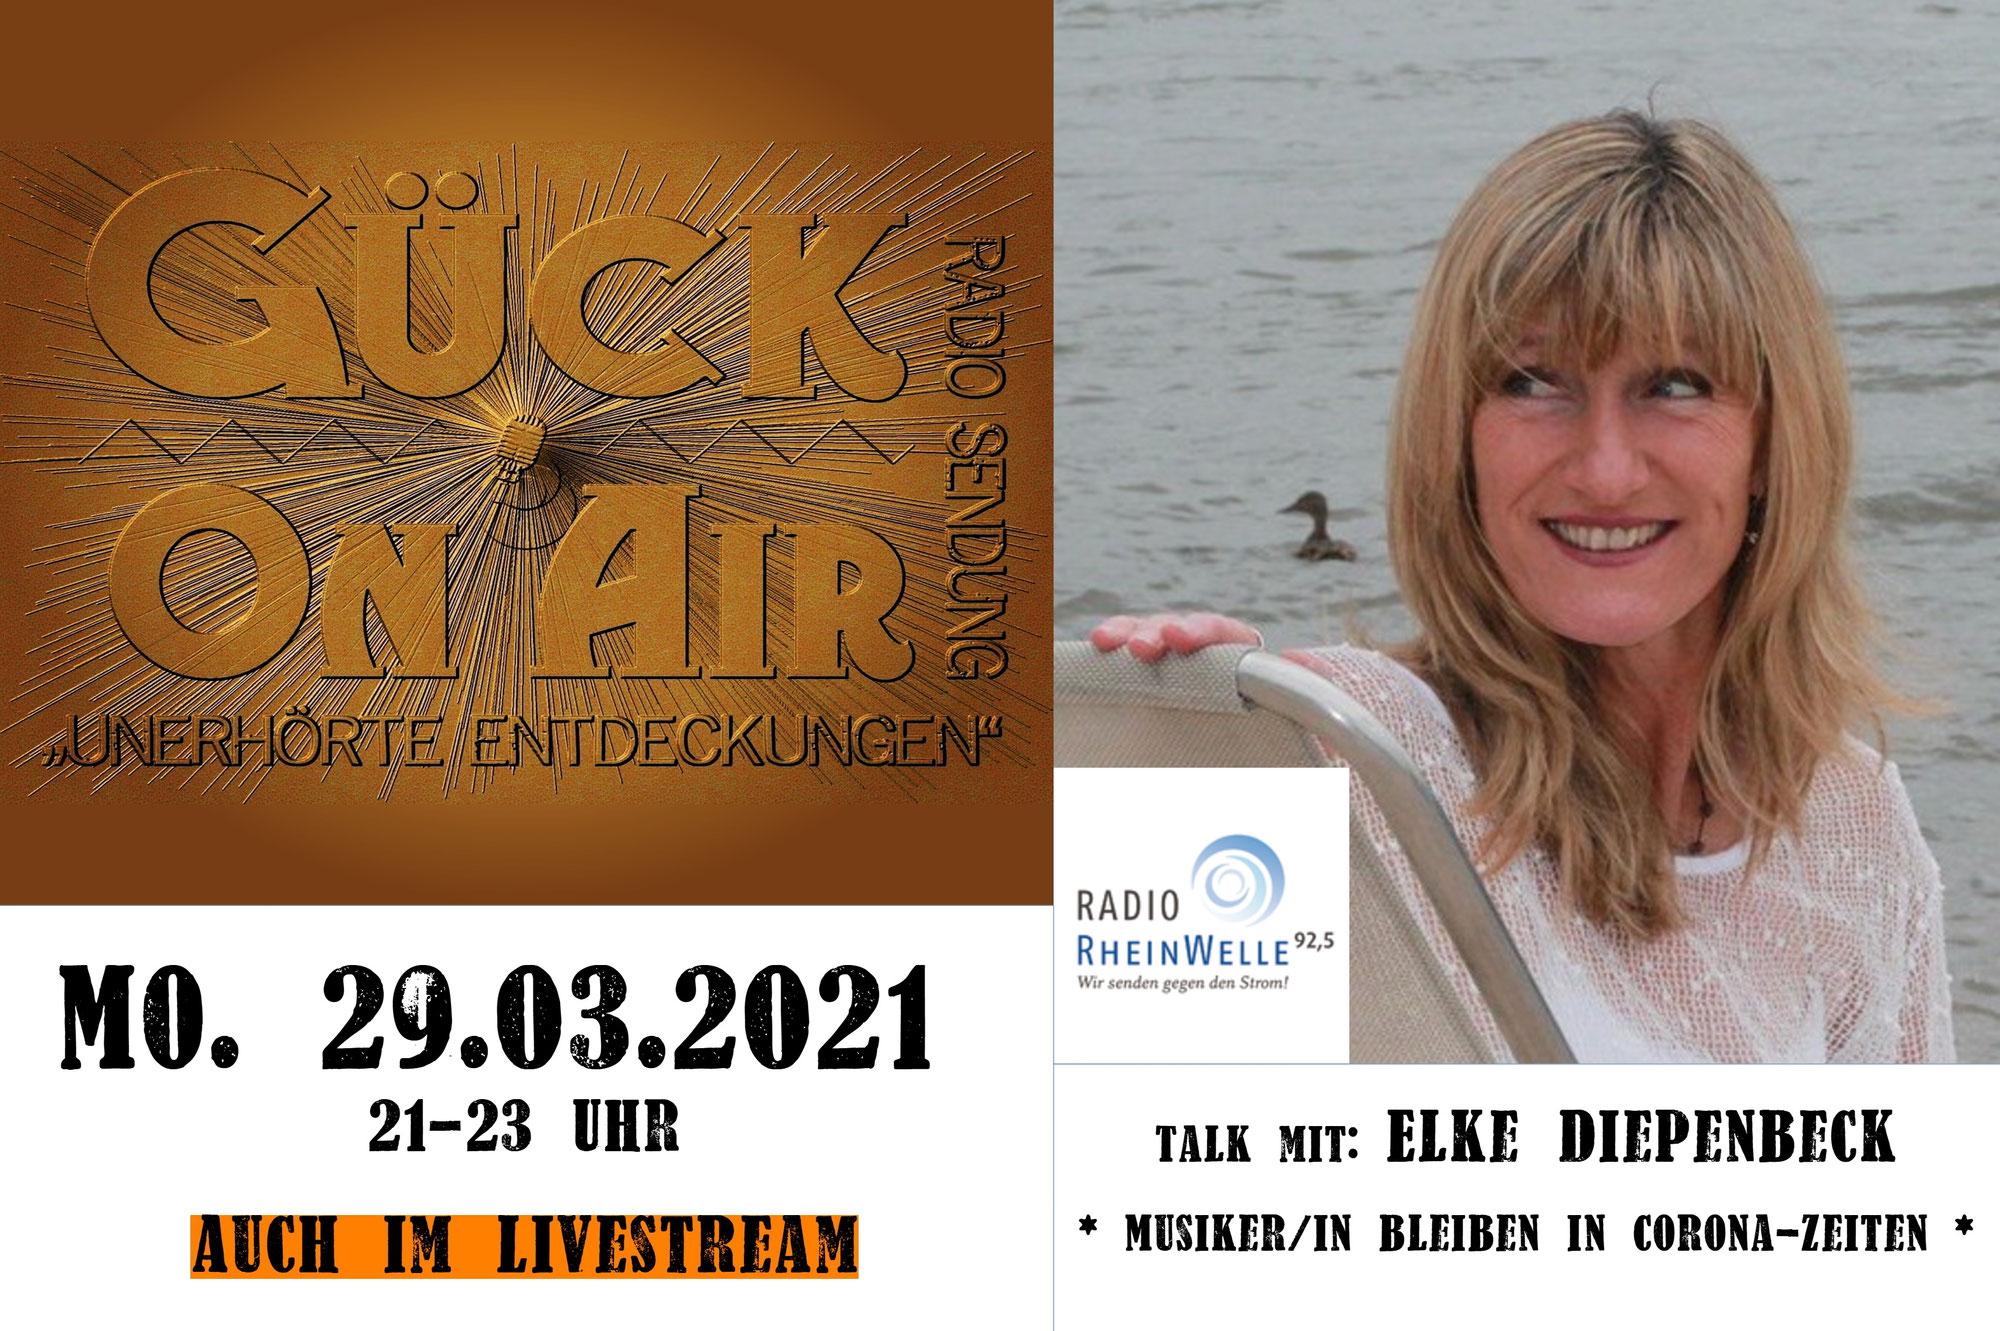 Musik-Talk mit Elke Diepenbeck